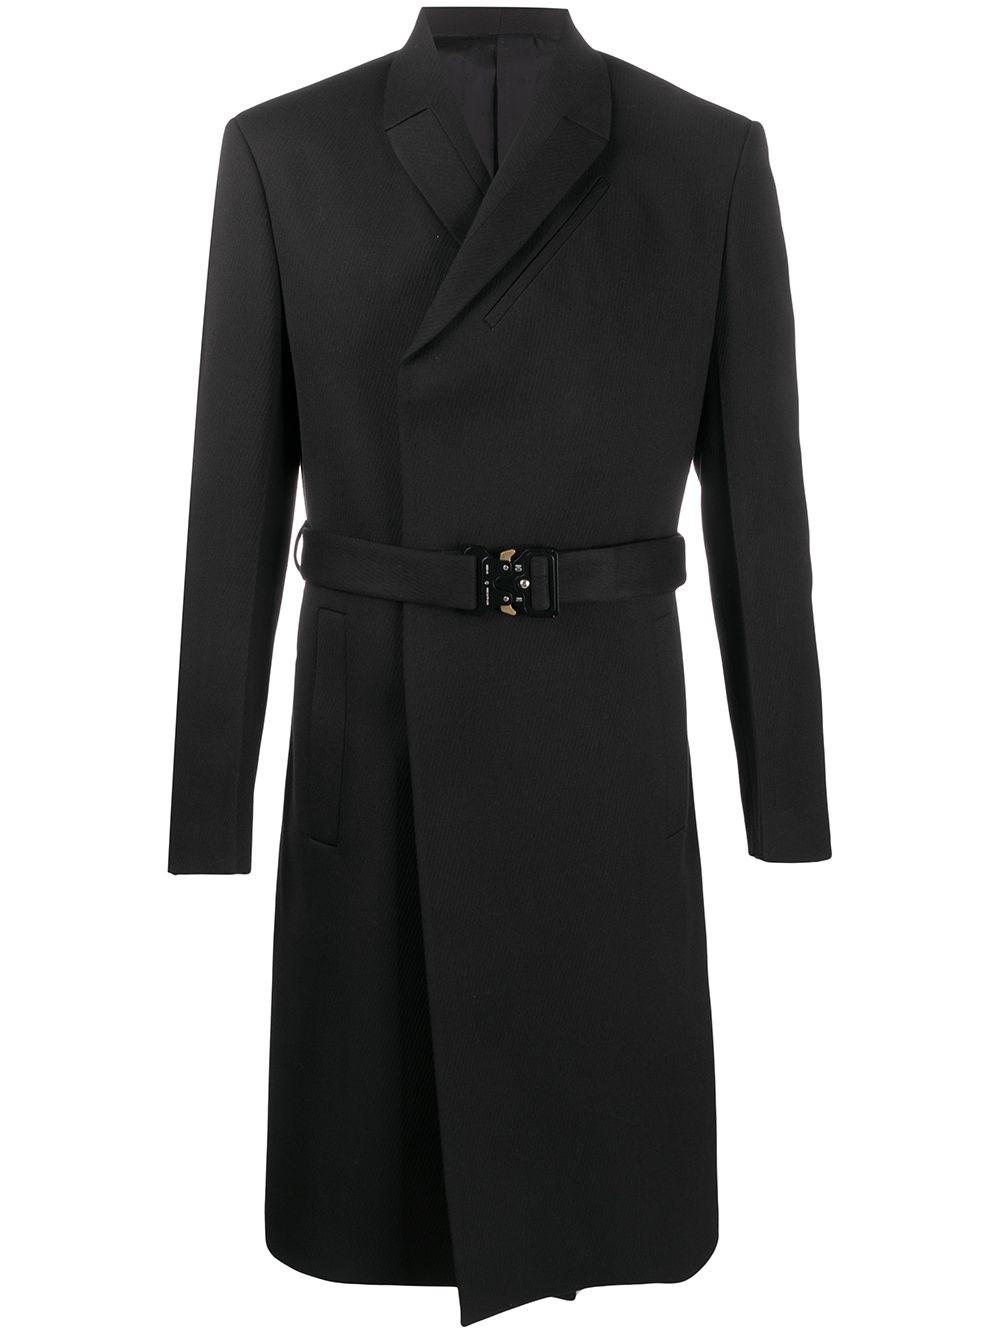 ALYX STUDIO Black Double-Breasted Coat